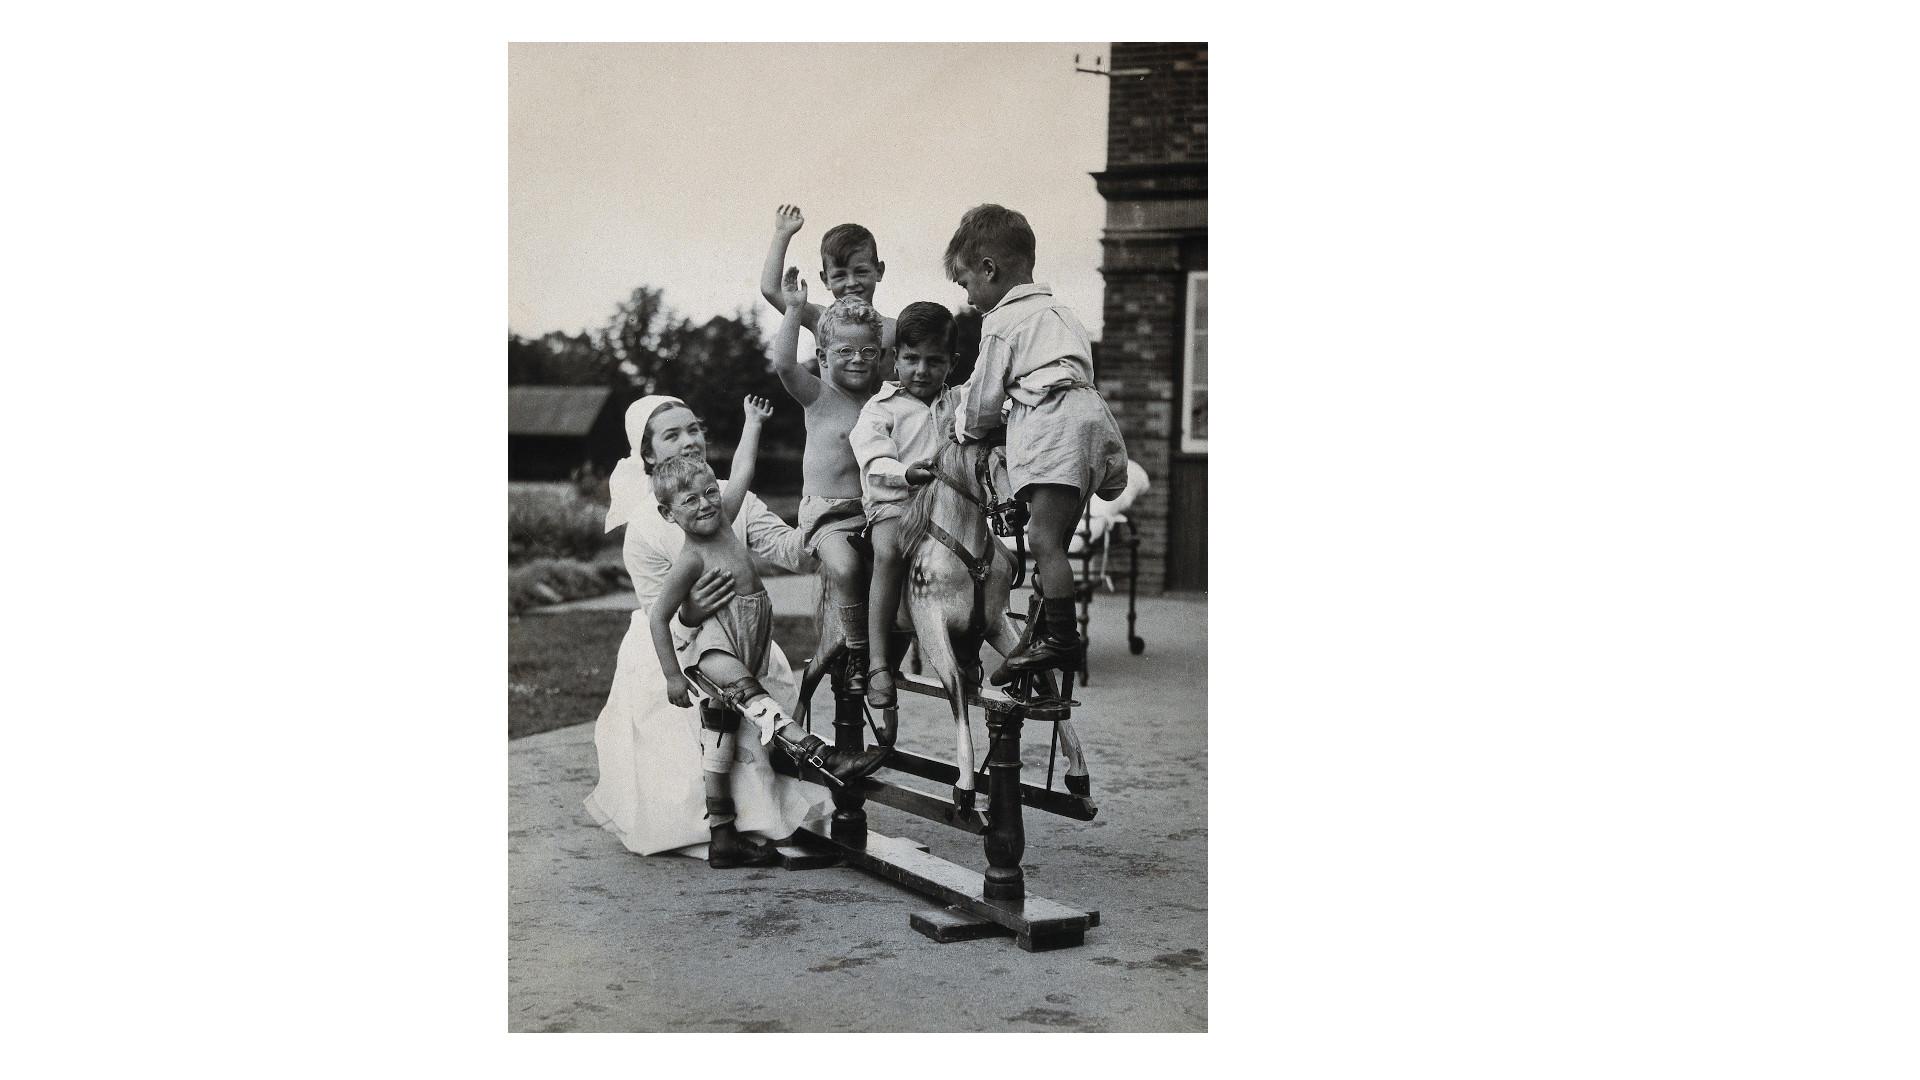 Children playing, Surrey 1935